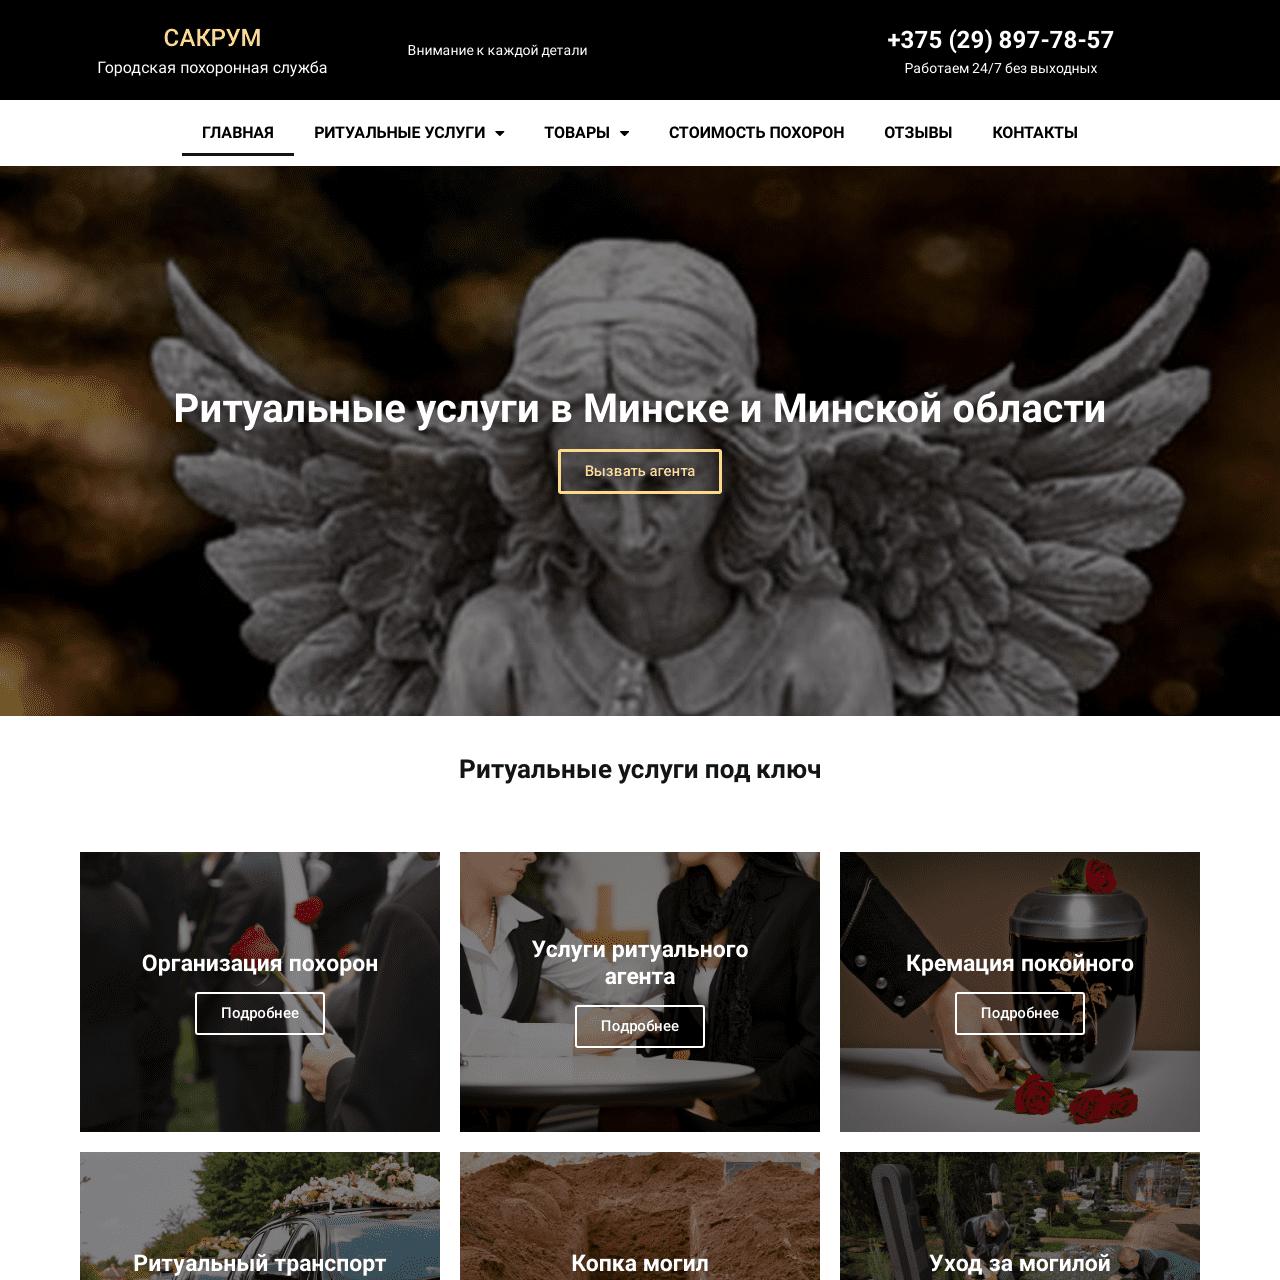 сайт по ритуальным услугам